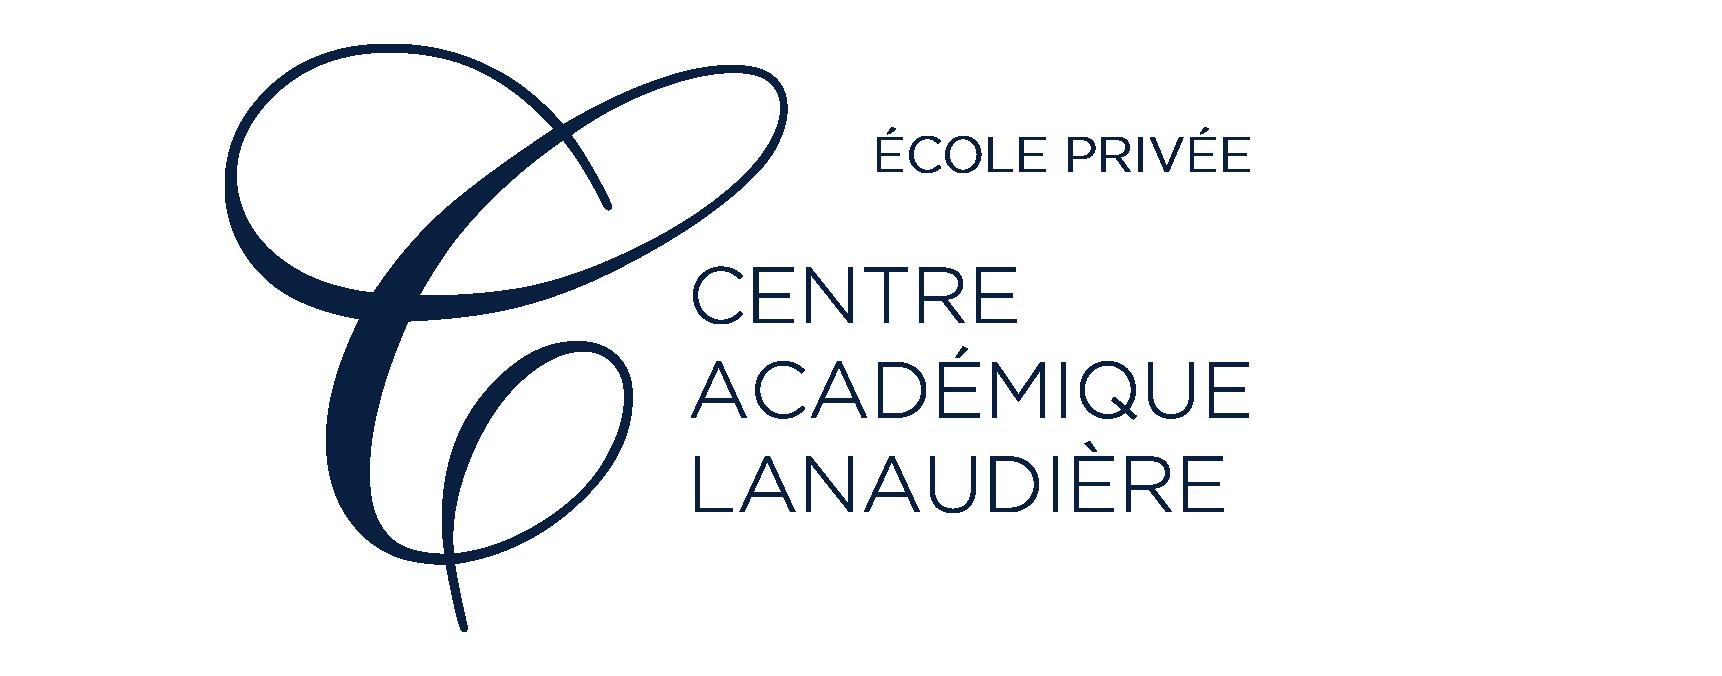 Centre Académique de Lanaudière - École privée d'enseignement préscolaire et primaire